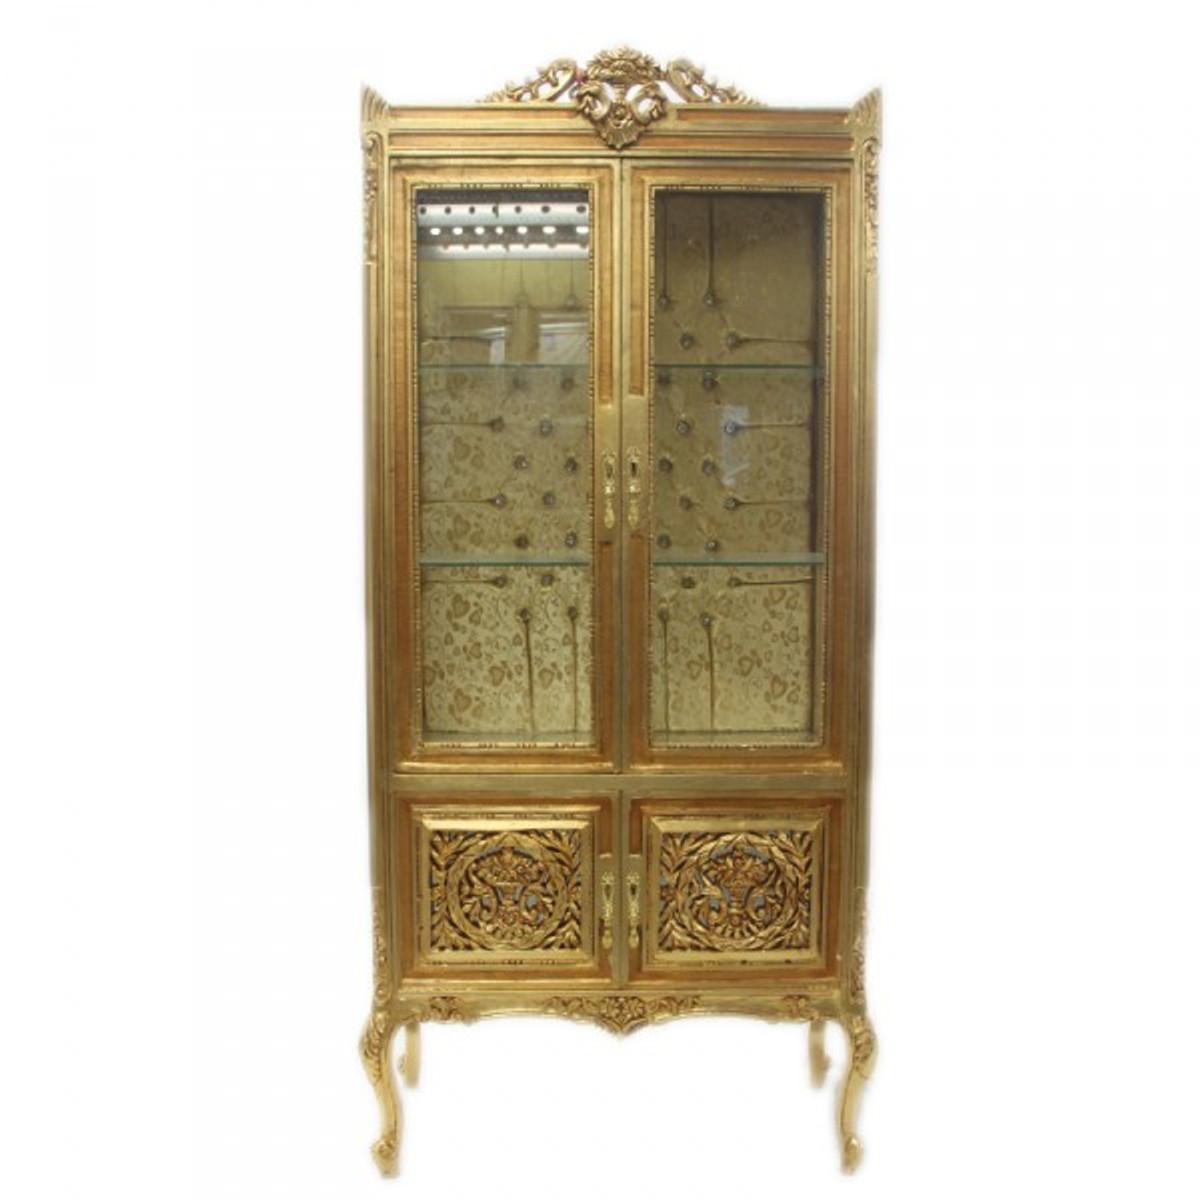 casa padrino barock esstisch gold 140cm esszimmer tisch m bel casa padrino farbwelten gold. Black Bedroom Furniture Sets. Home Design Ideas